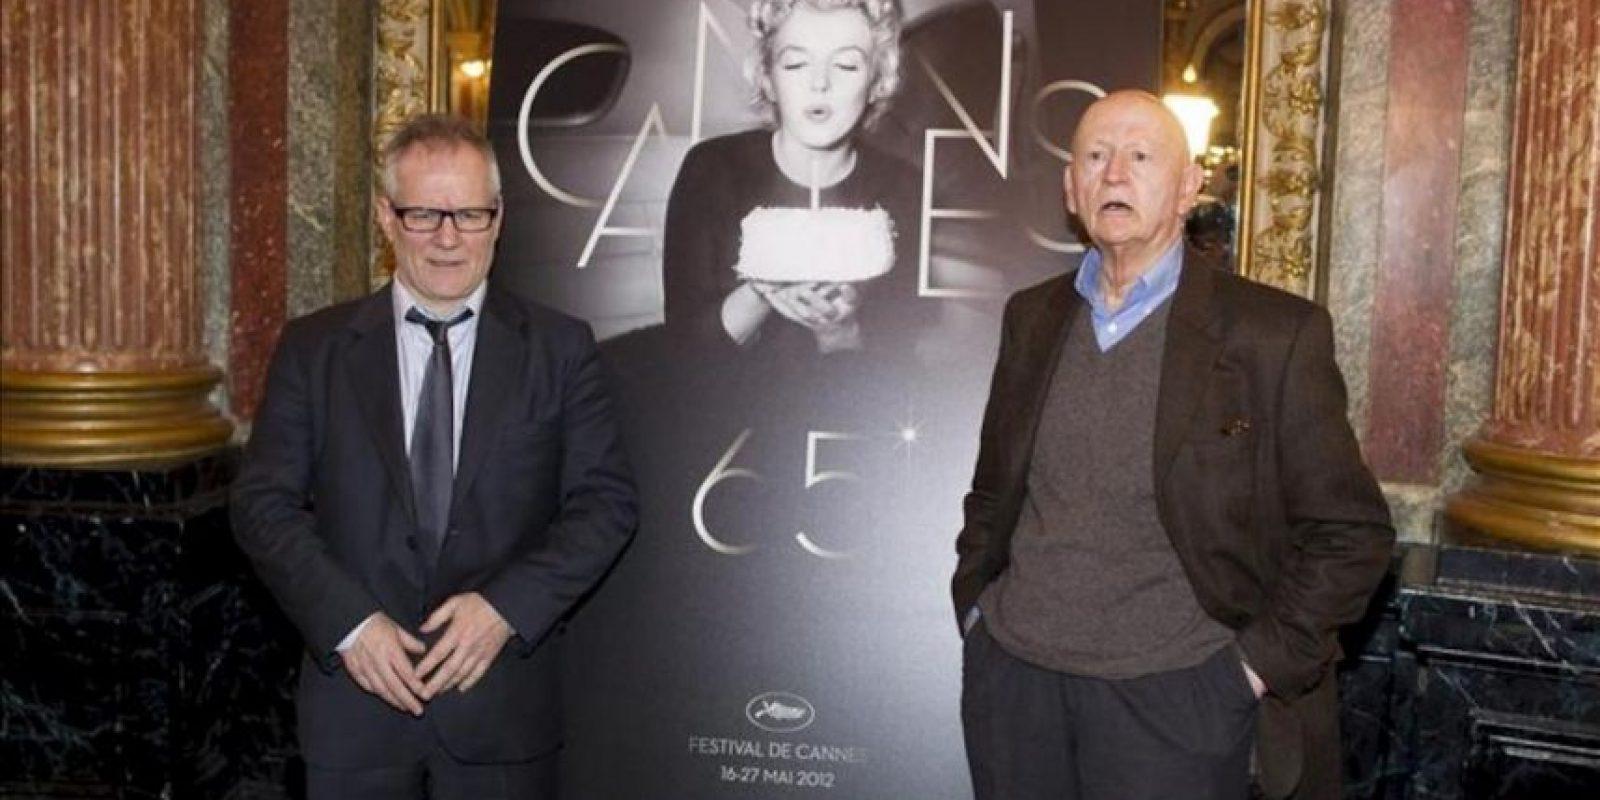 El presidente del 65 Festival Internacional de Cine de Cannes, Gilles Jacob (dcha), posa junto al delegado general del festival, Thierry Fremaux (izda), durante una rueda de prensa hoy, 19 de abril de 2012, en la que han anunciado las películas que compiten este año en el festival que se celebra del 16 al 27 de mayo de 2012. EFE